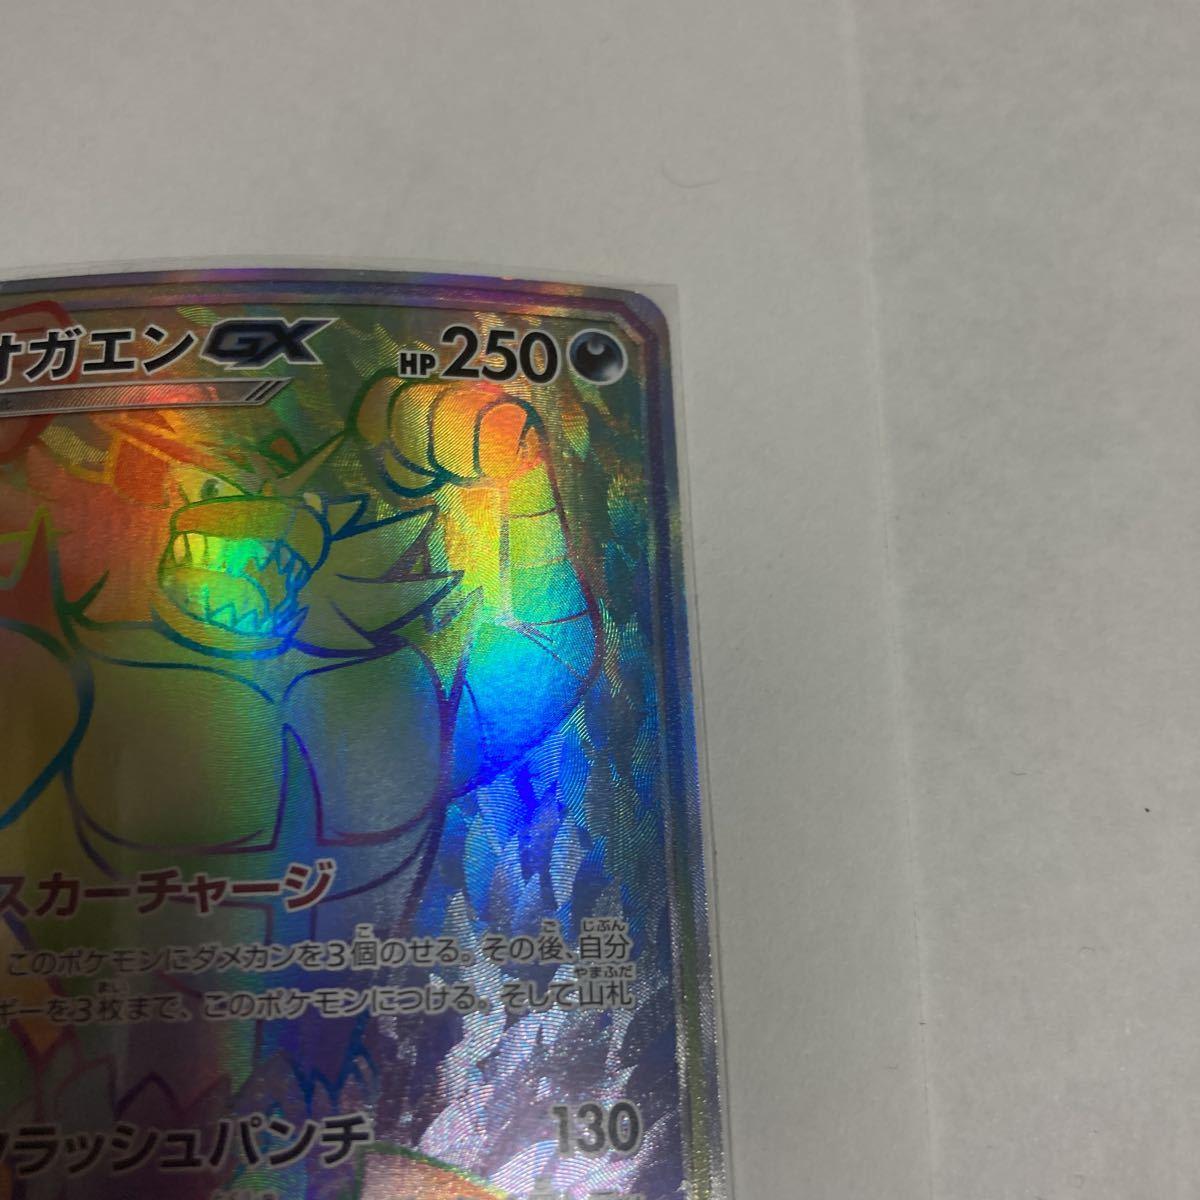 ガオガエンGX HR ハイパーレア sm8a ダークオーダー 061/052 ポケモンカードゲーム ポケカ スカーチャージ クラッシュパンチ DDトルネード_画像3